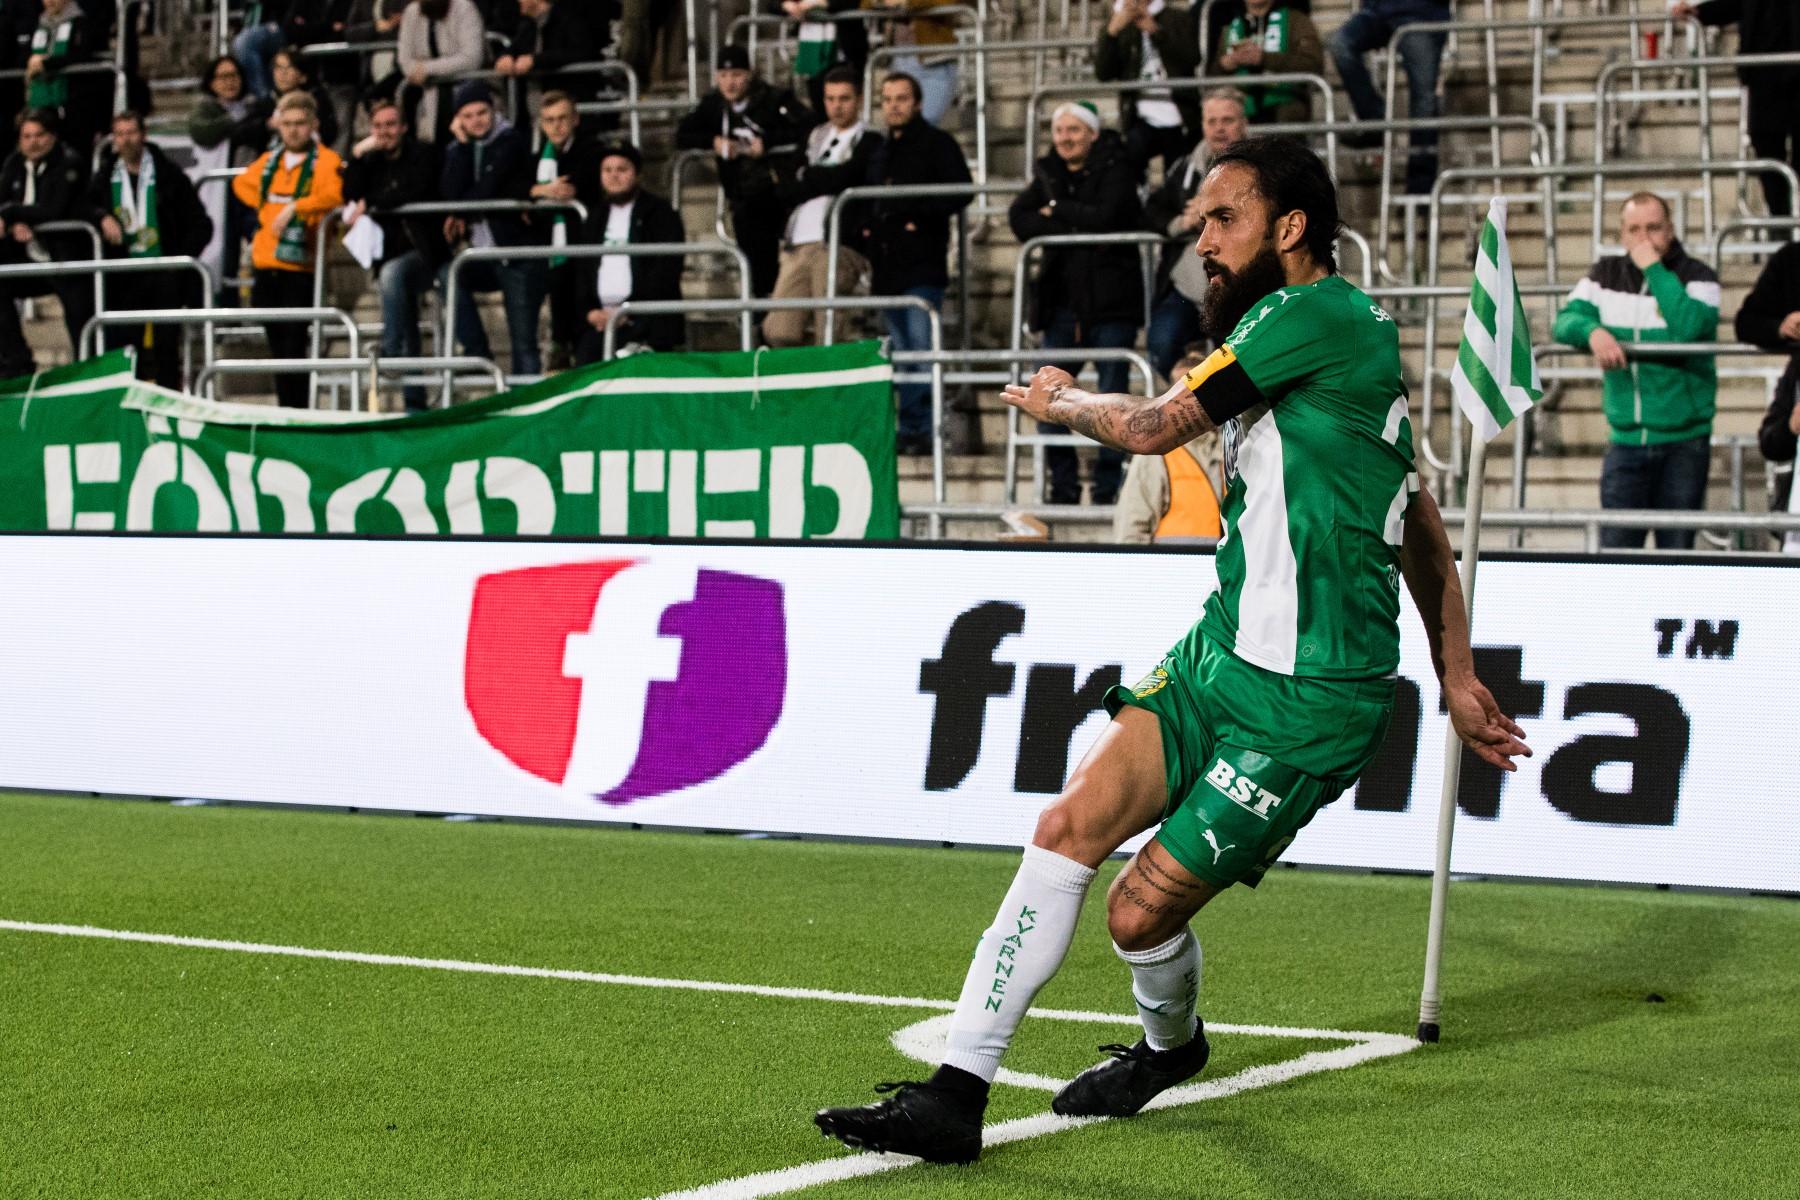 Klicka här för att se Speltips Allsvenskan har återvänt!